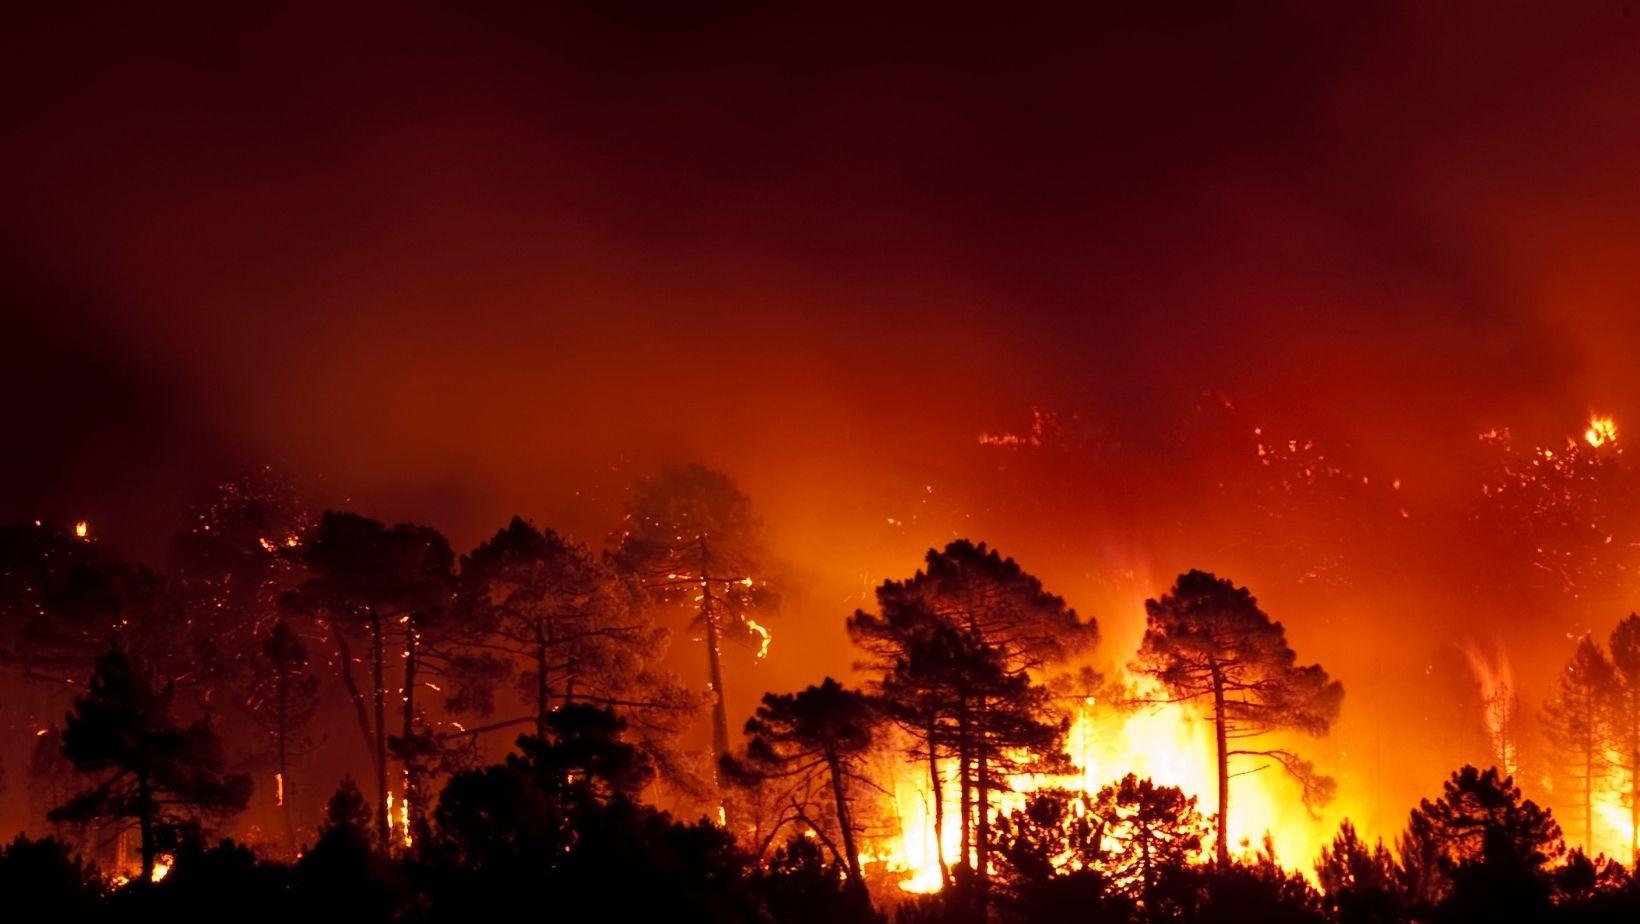 Incendio hoy. Noticias de Incendios hoy 34